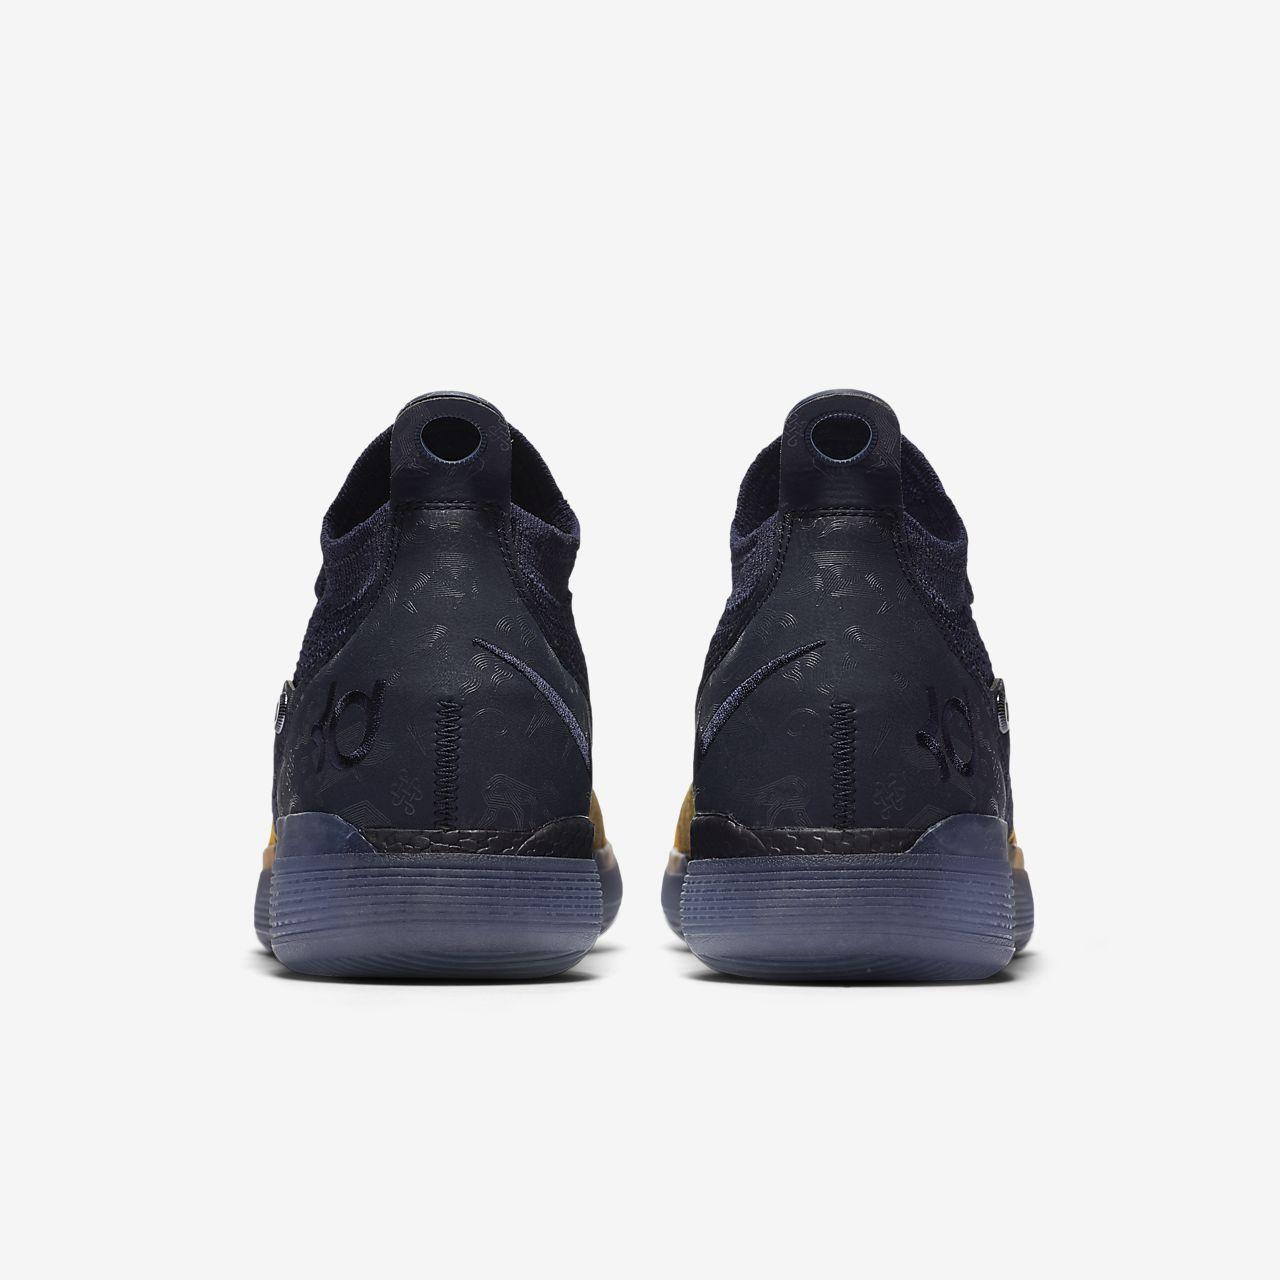 hot sales e1ba5 4c525 ... Nike Zoom KD11 Basketball Shoe